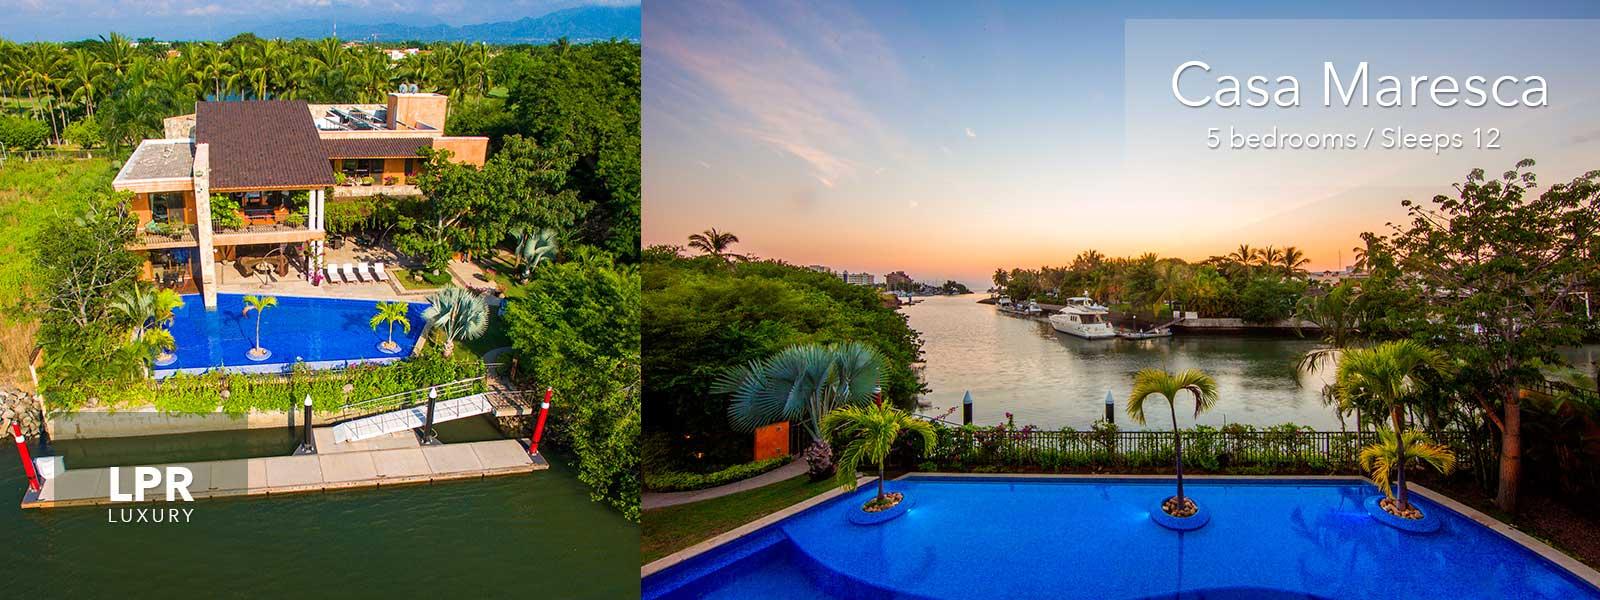 Casa Maresca - Nuevo Vallarta Luxury Real Estate